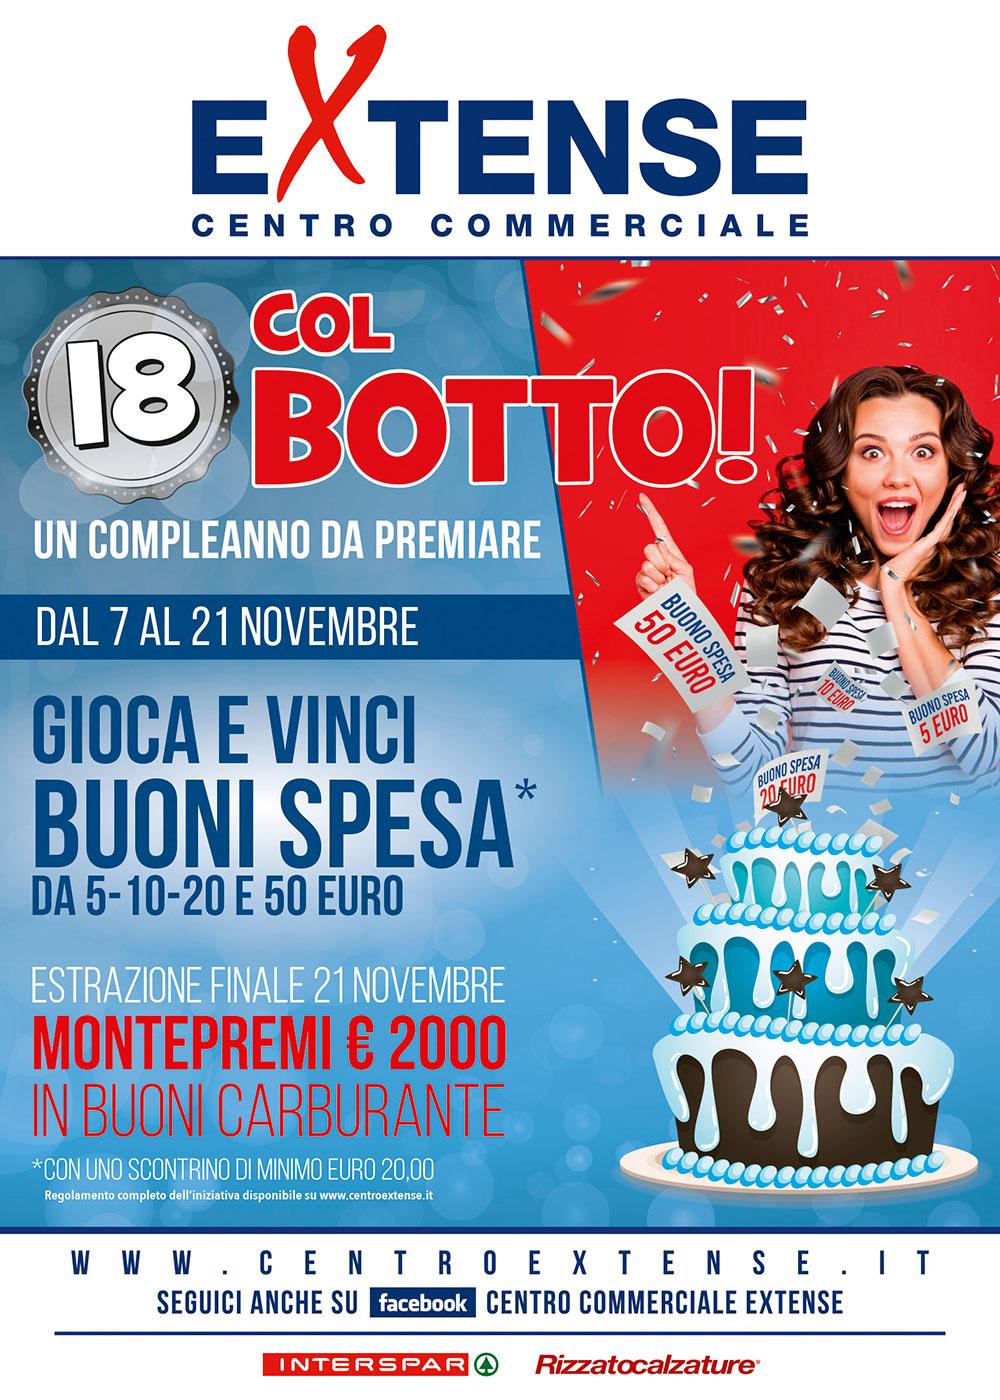 18° Anniversario Centro Commerciale Extense - 18 col Botto! - Dal 7 al 21 novembre 2020